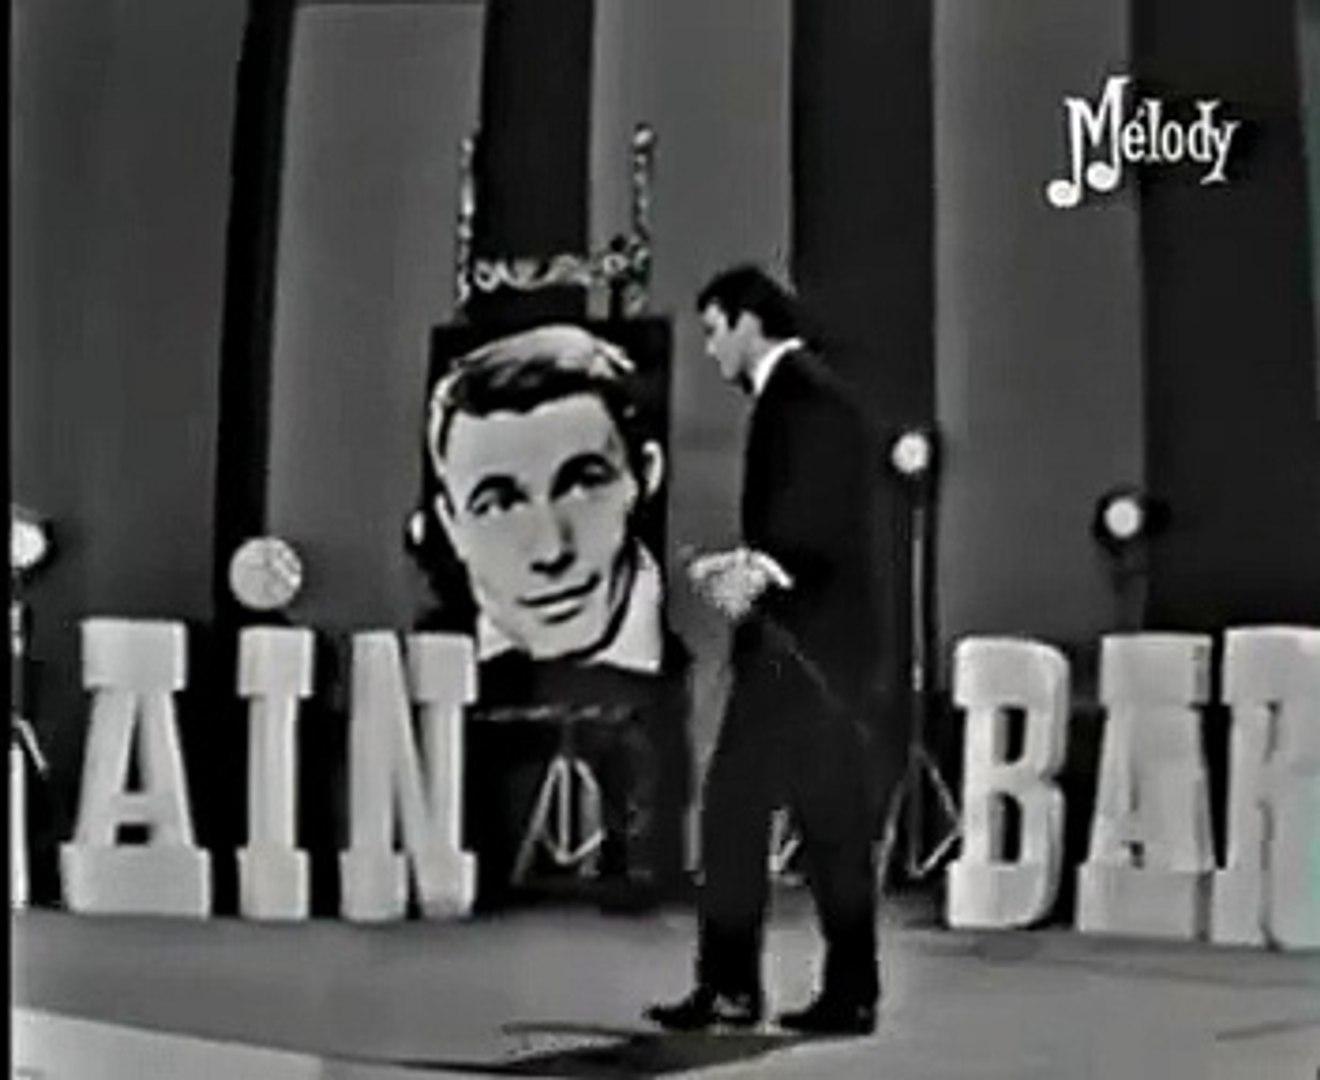 Alain Barrière -  Les matins bleus  (Live - 1966) NB